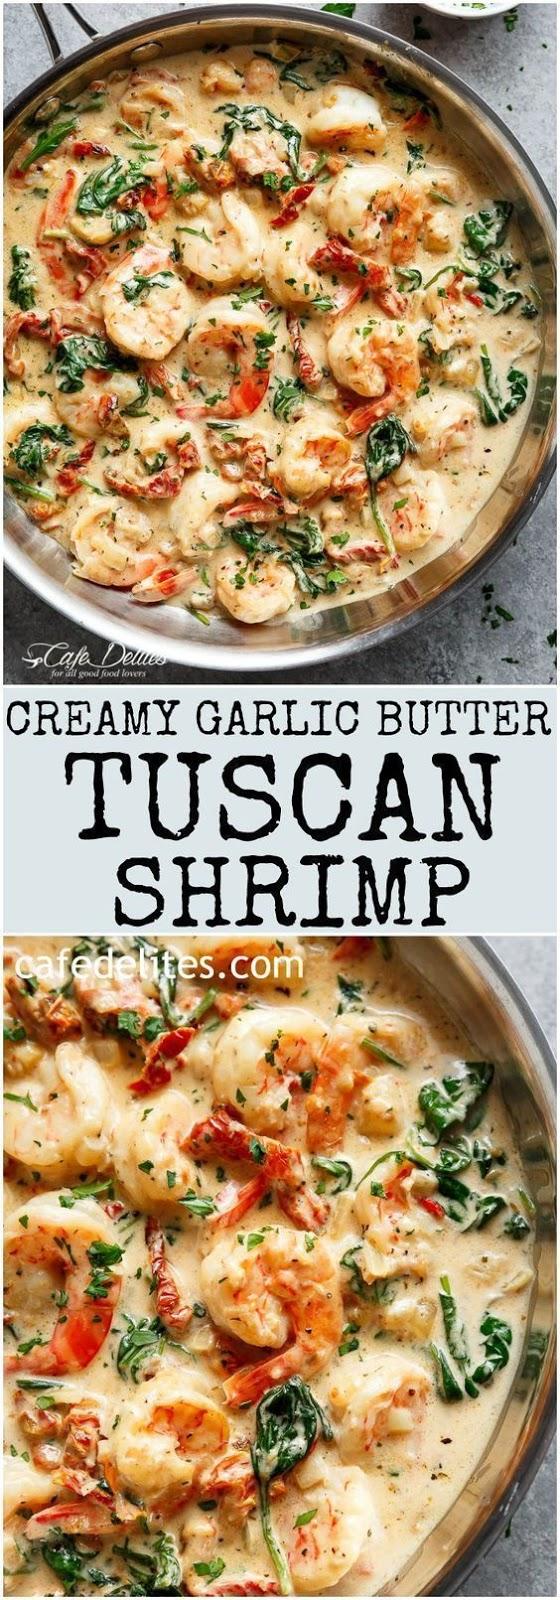 Delicious Creamy Garlic Butter Tuscan Shrimp